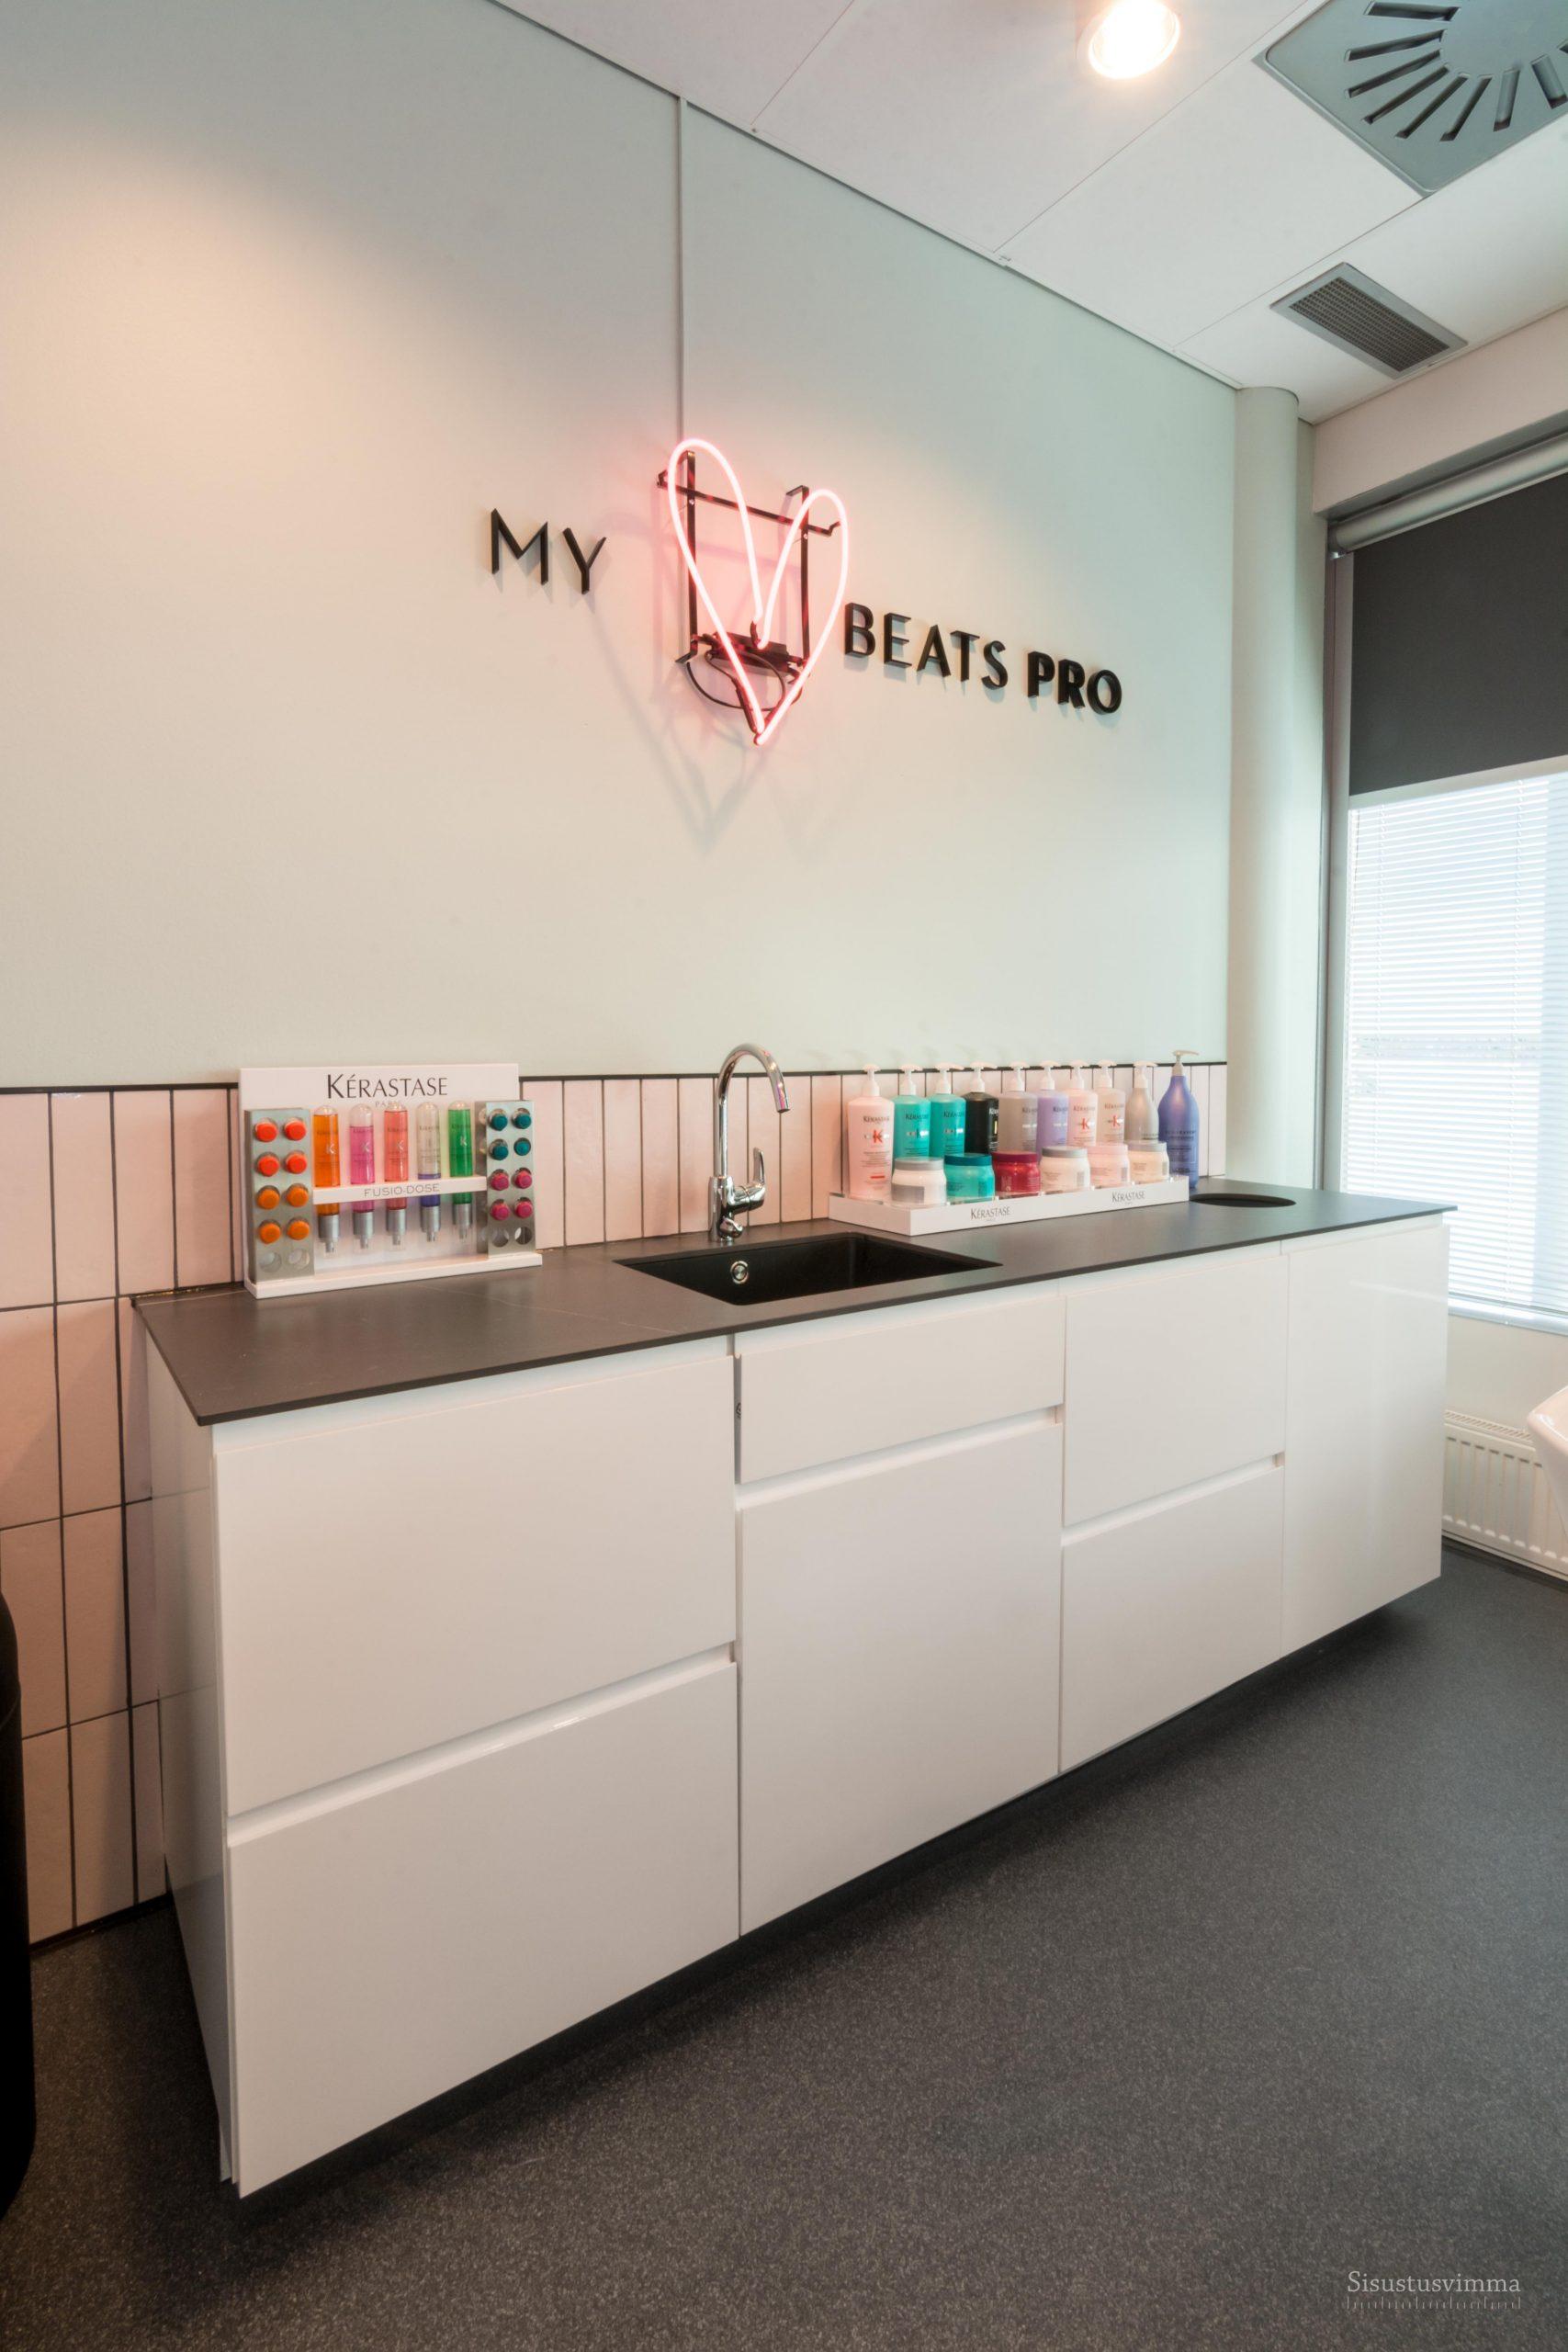 L'Oréal Studio (4 of 4)